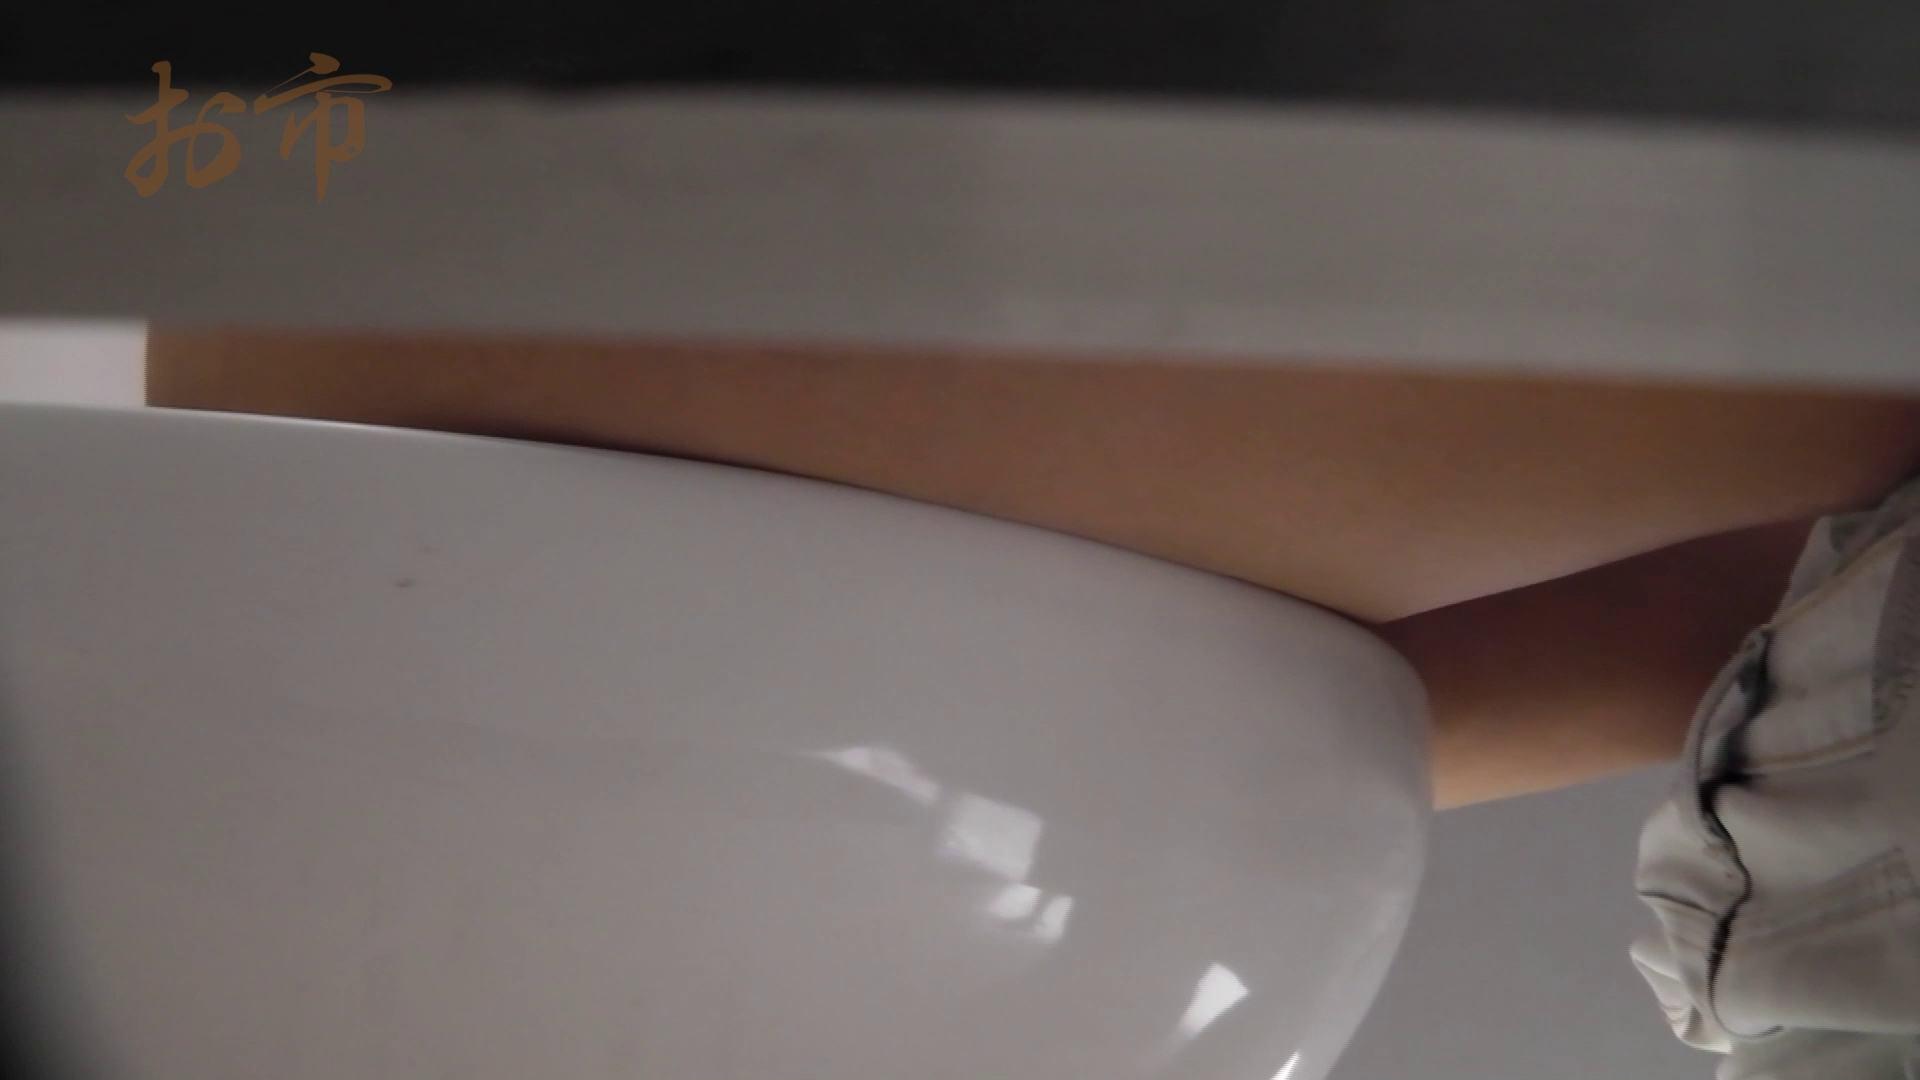 潜入!!台湾名門女学院 Vol.12 長身モデル驚き見たことないシチュエーション OLのボディ セックス画像 89PIX 42